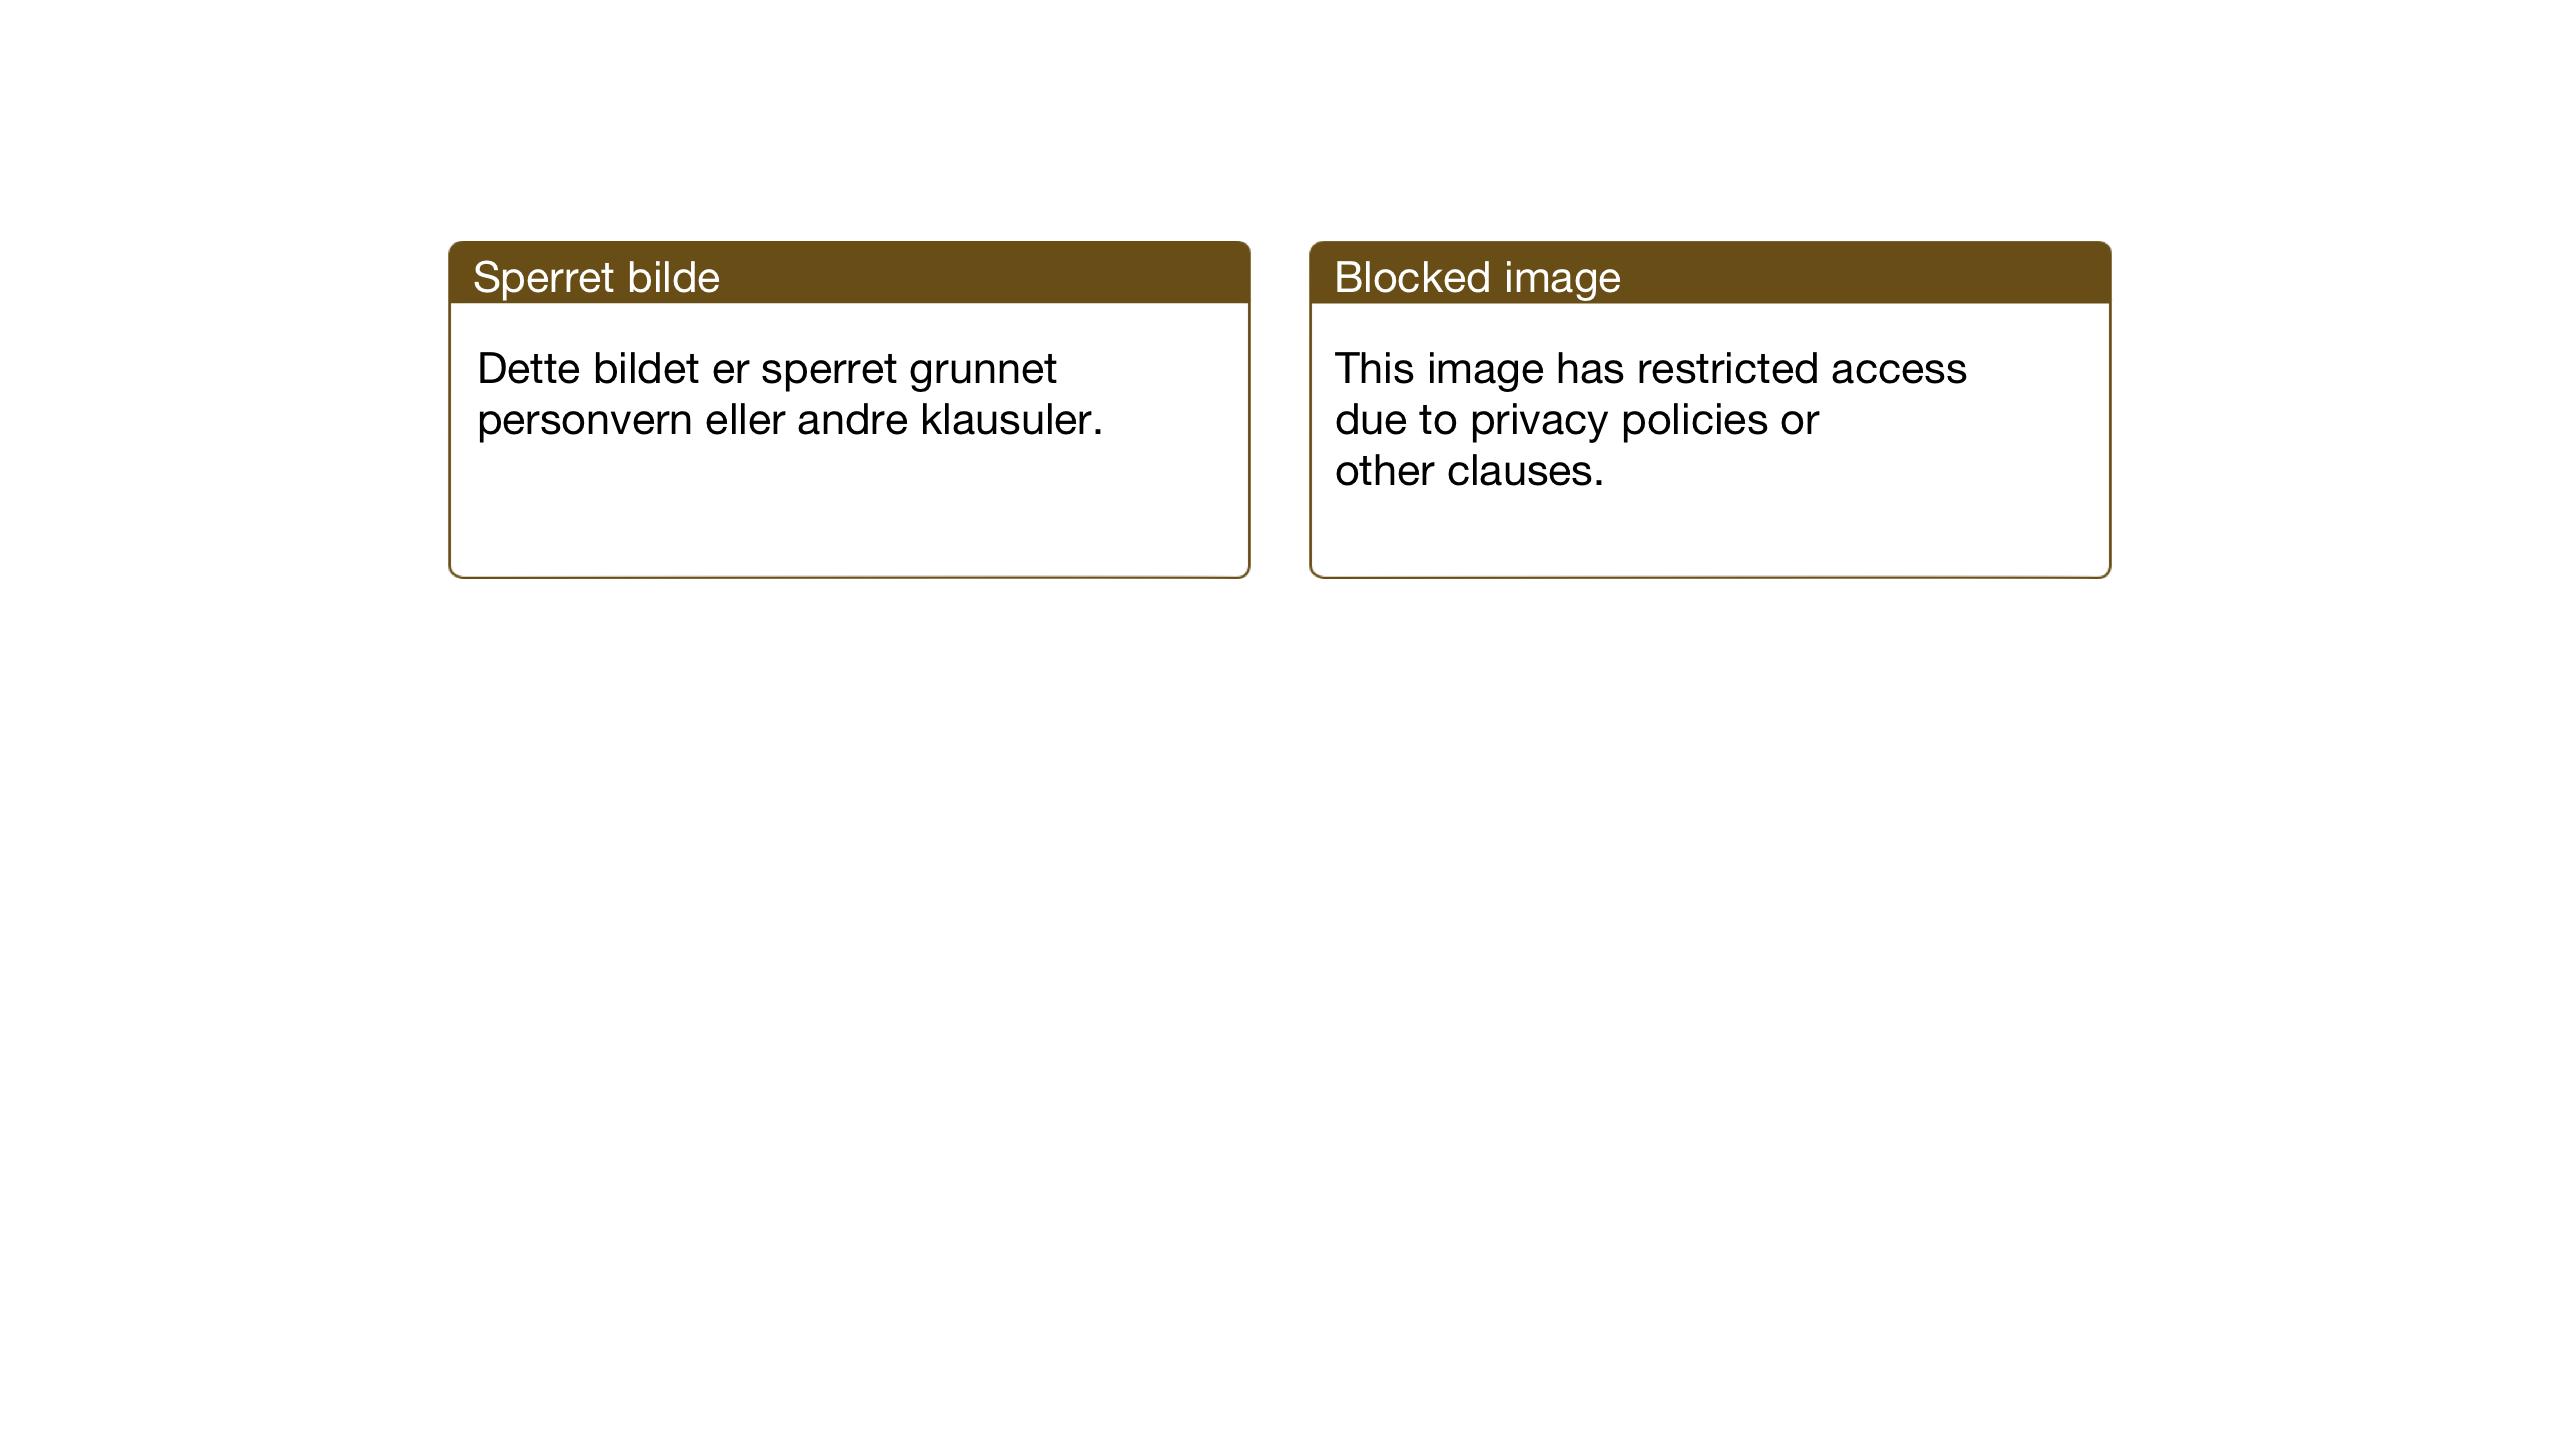 SAT, Ministerialprotokoller, klokkerbøker og fødselsregistre - Sør-Trøndelag, 604/L0227: Klokkerbok nr. 604C10, 1923-1942, s. 104